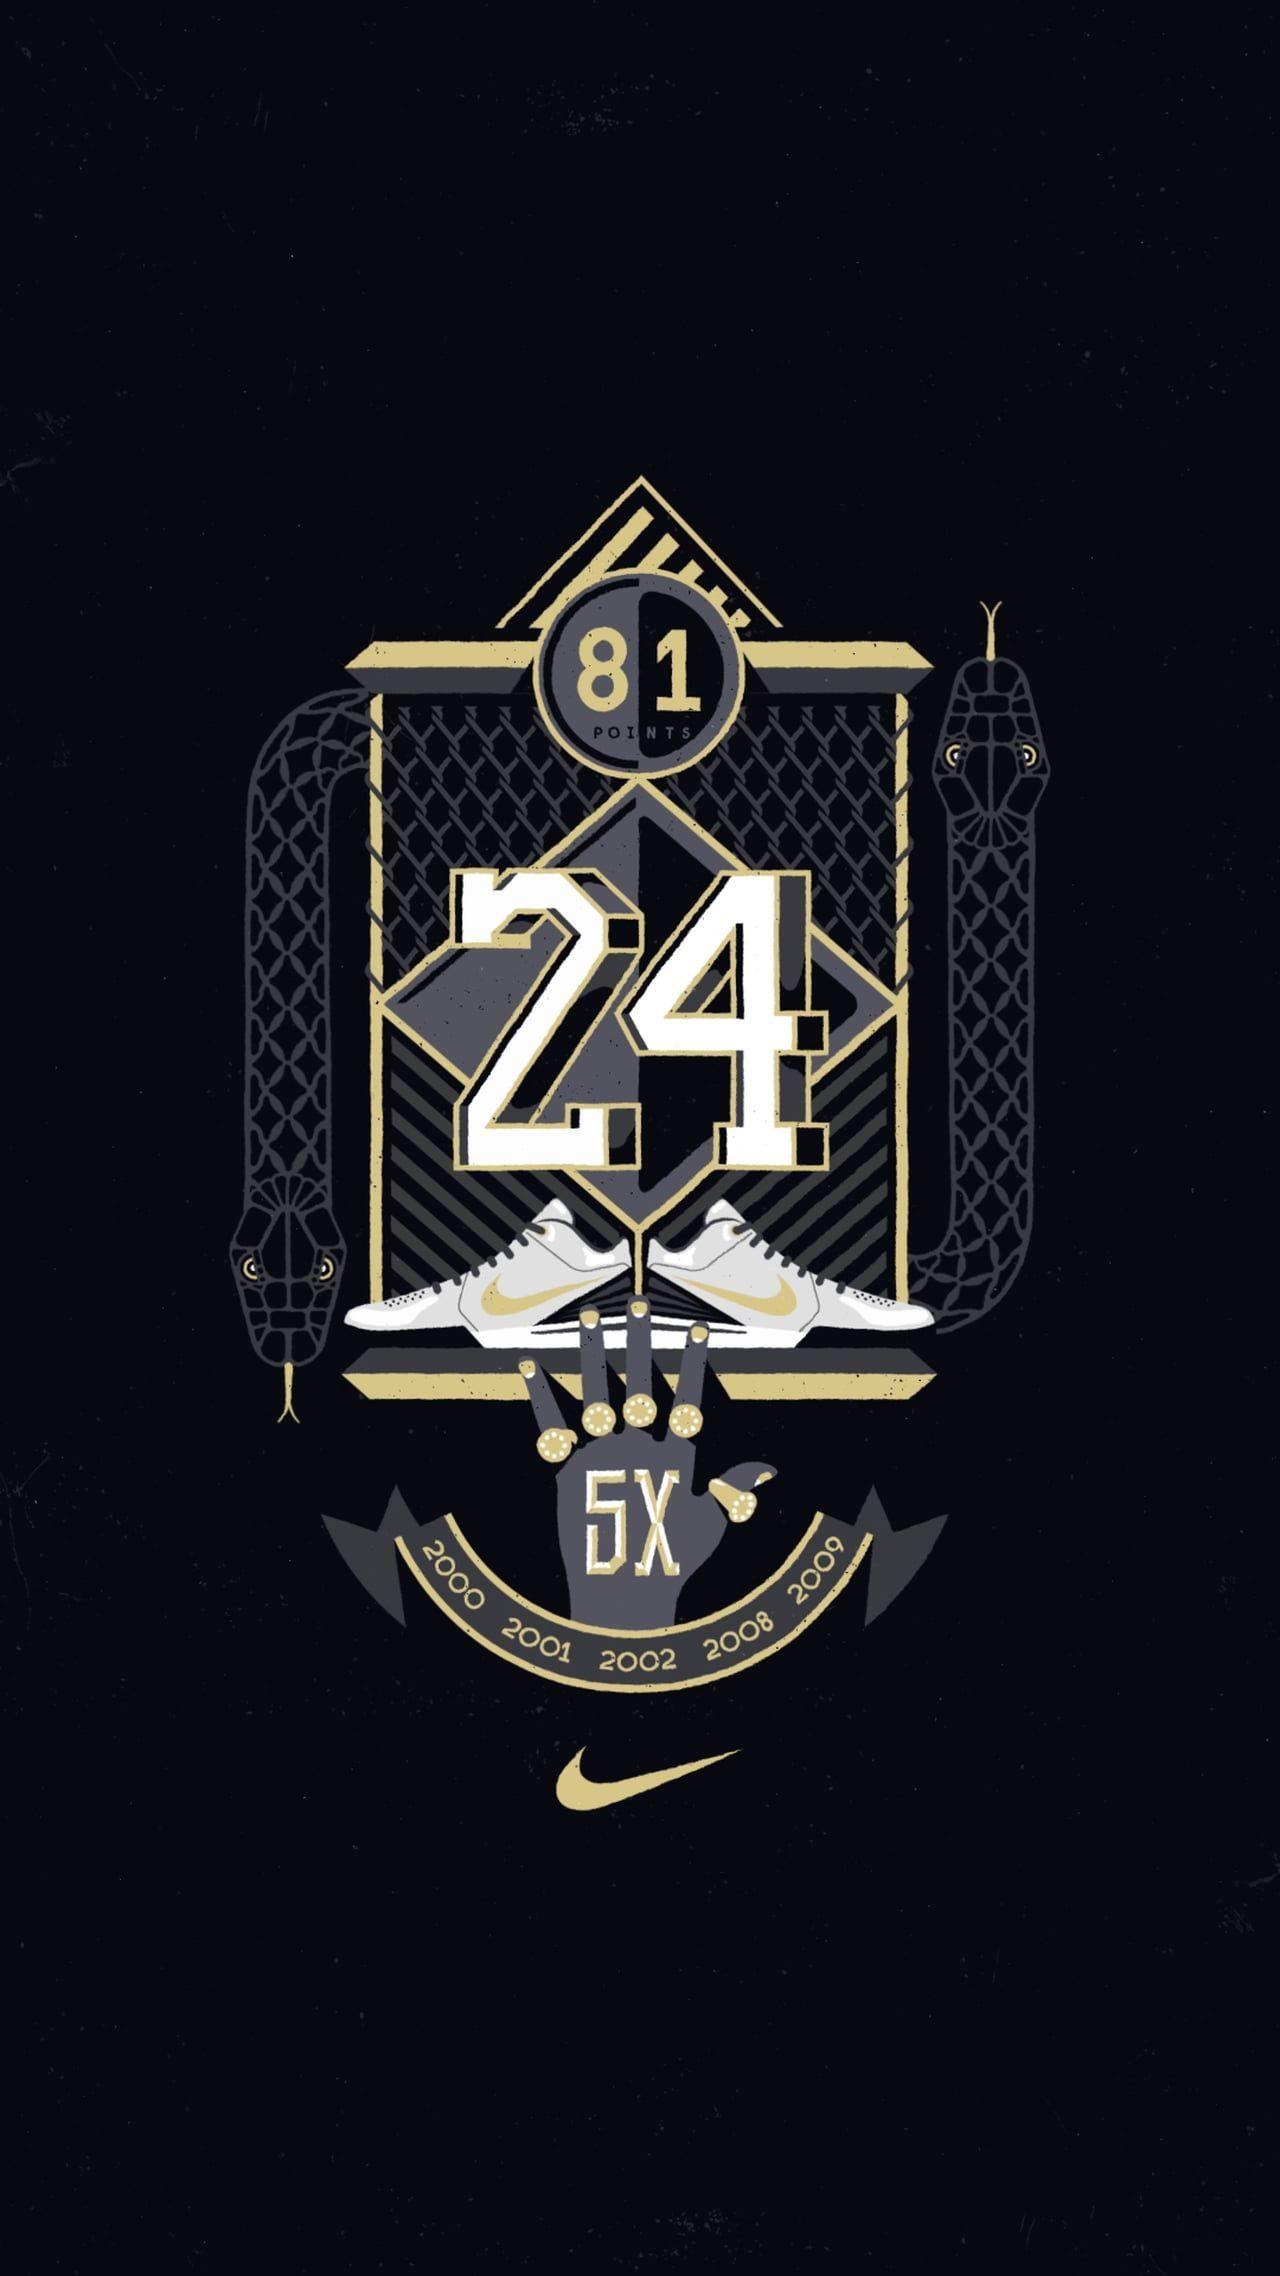 Kobe Bryant T Shirts Kobe Bryant Kobe Bryant Black Mamba Kobe Bryant Wallpaper